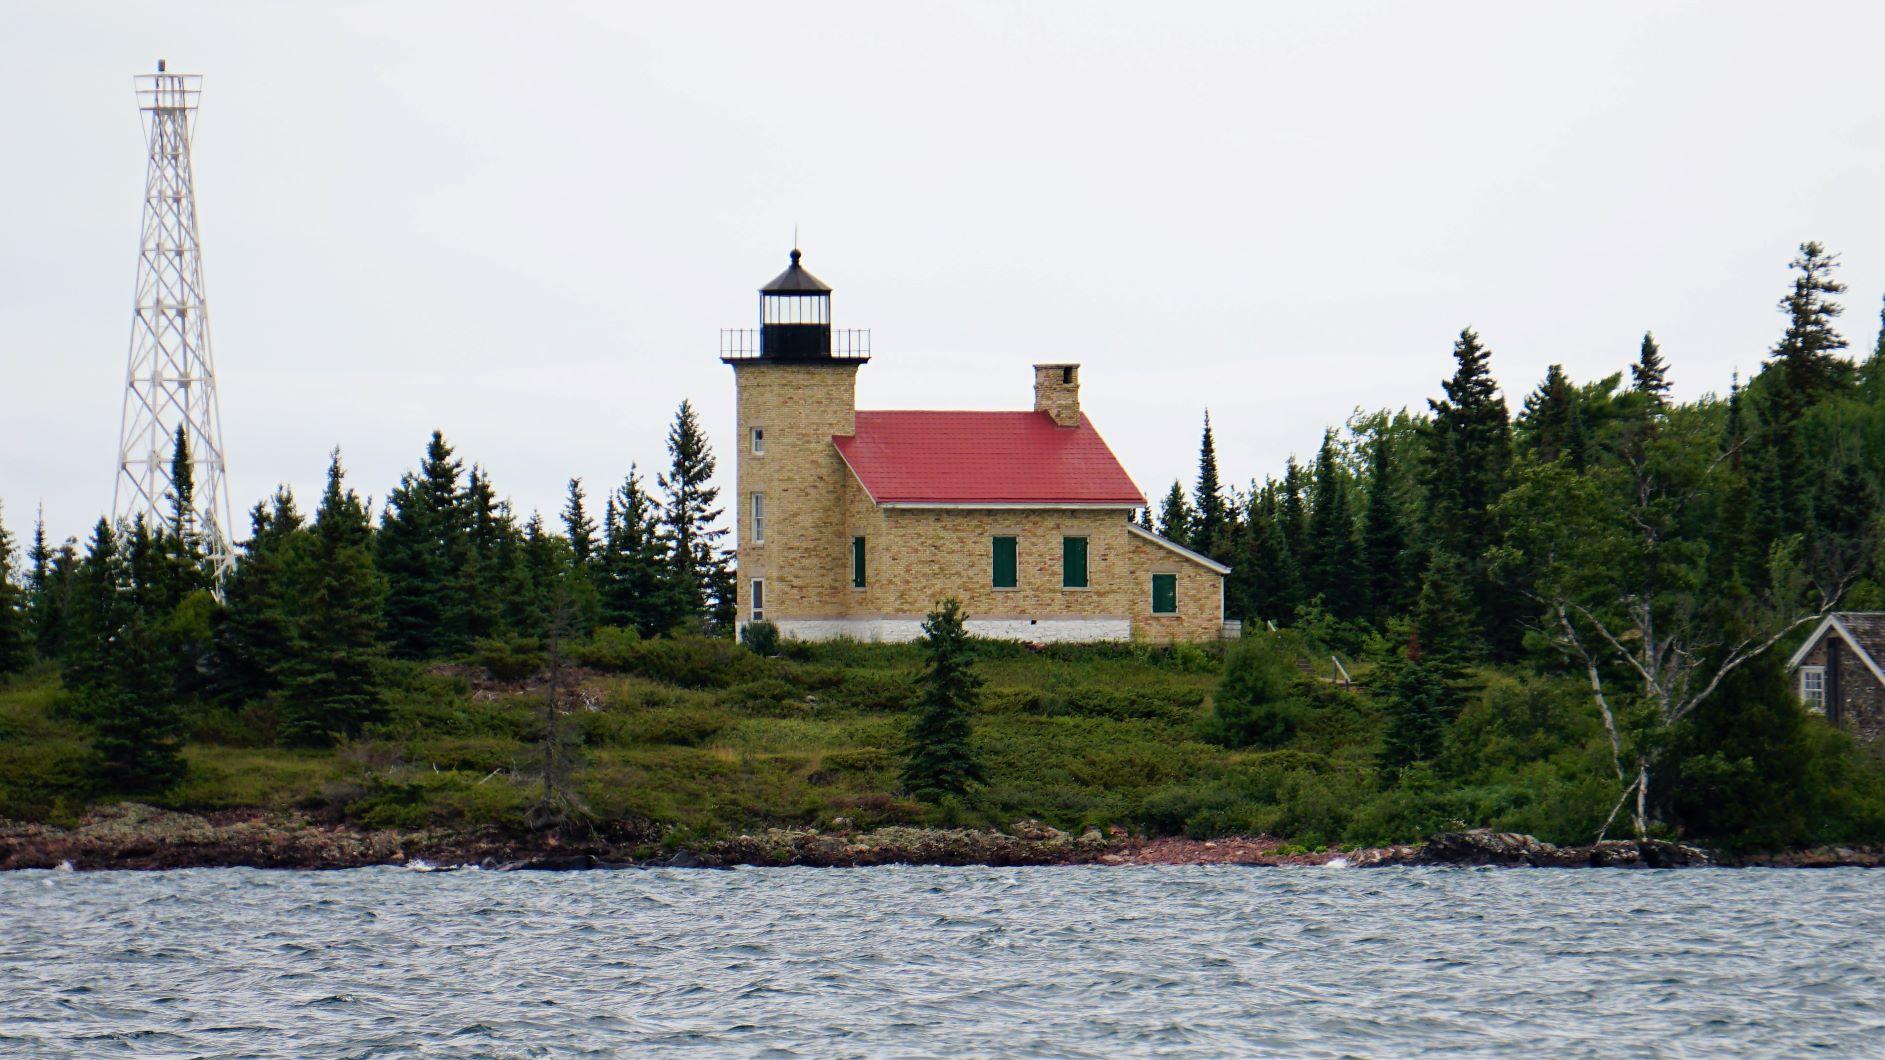 Pic 2020-0718 05 Copper Harbor Lighthouse (4) er